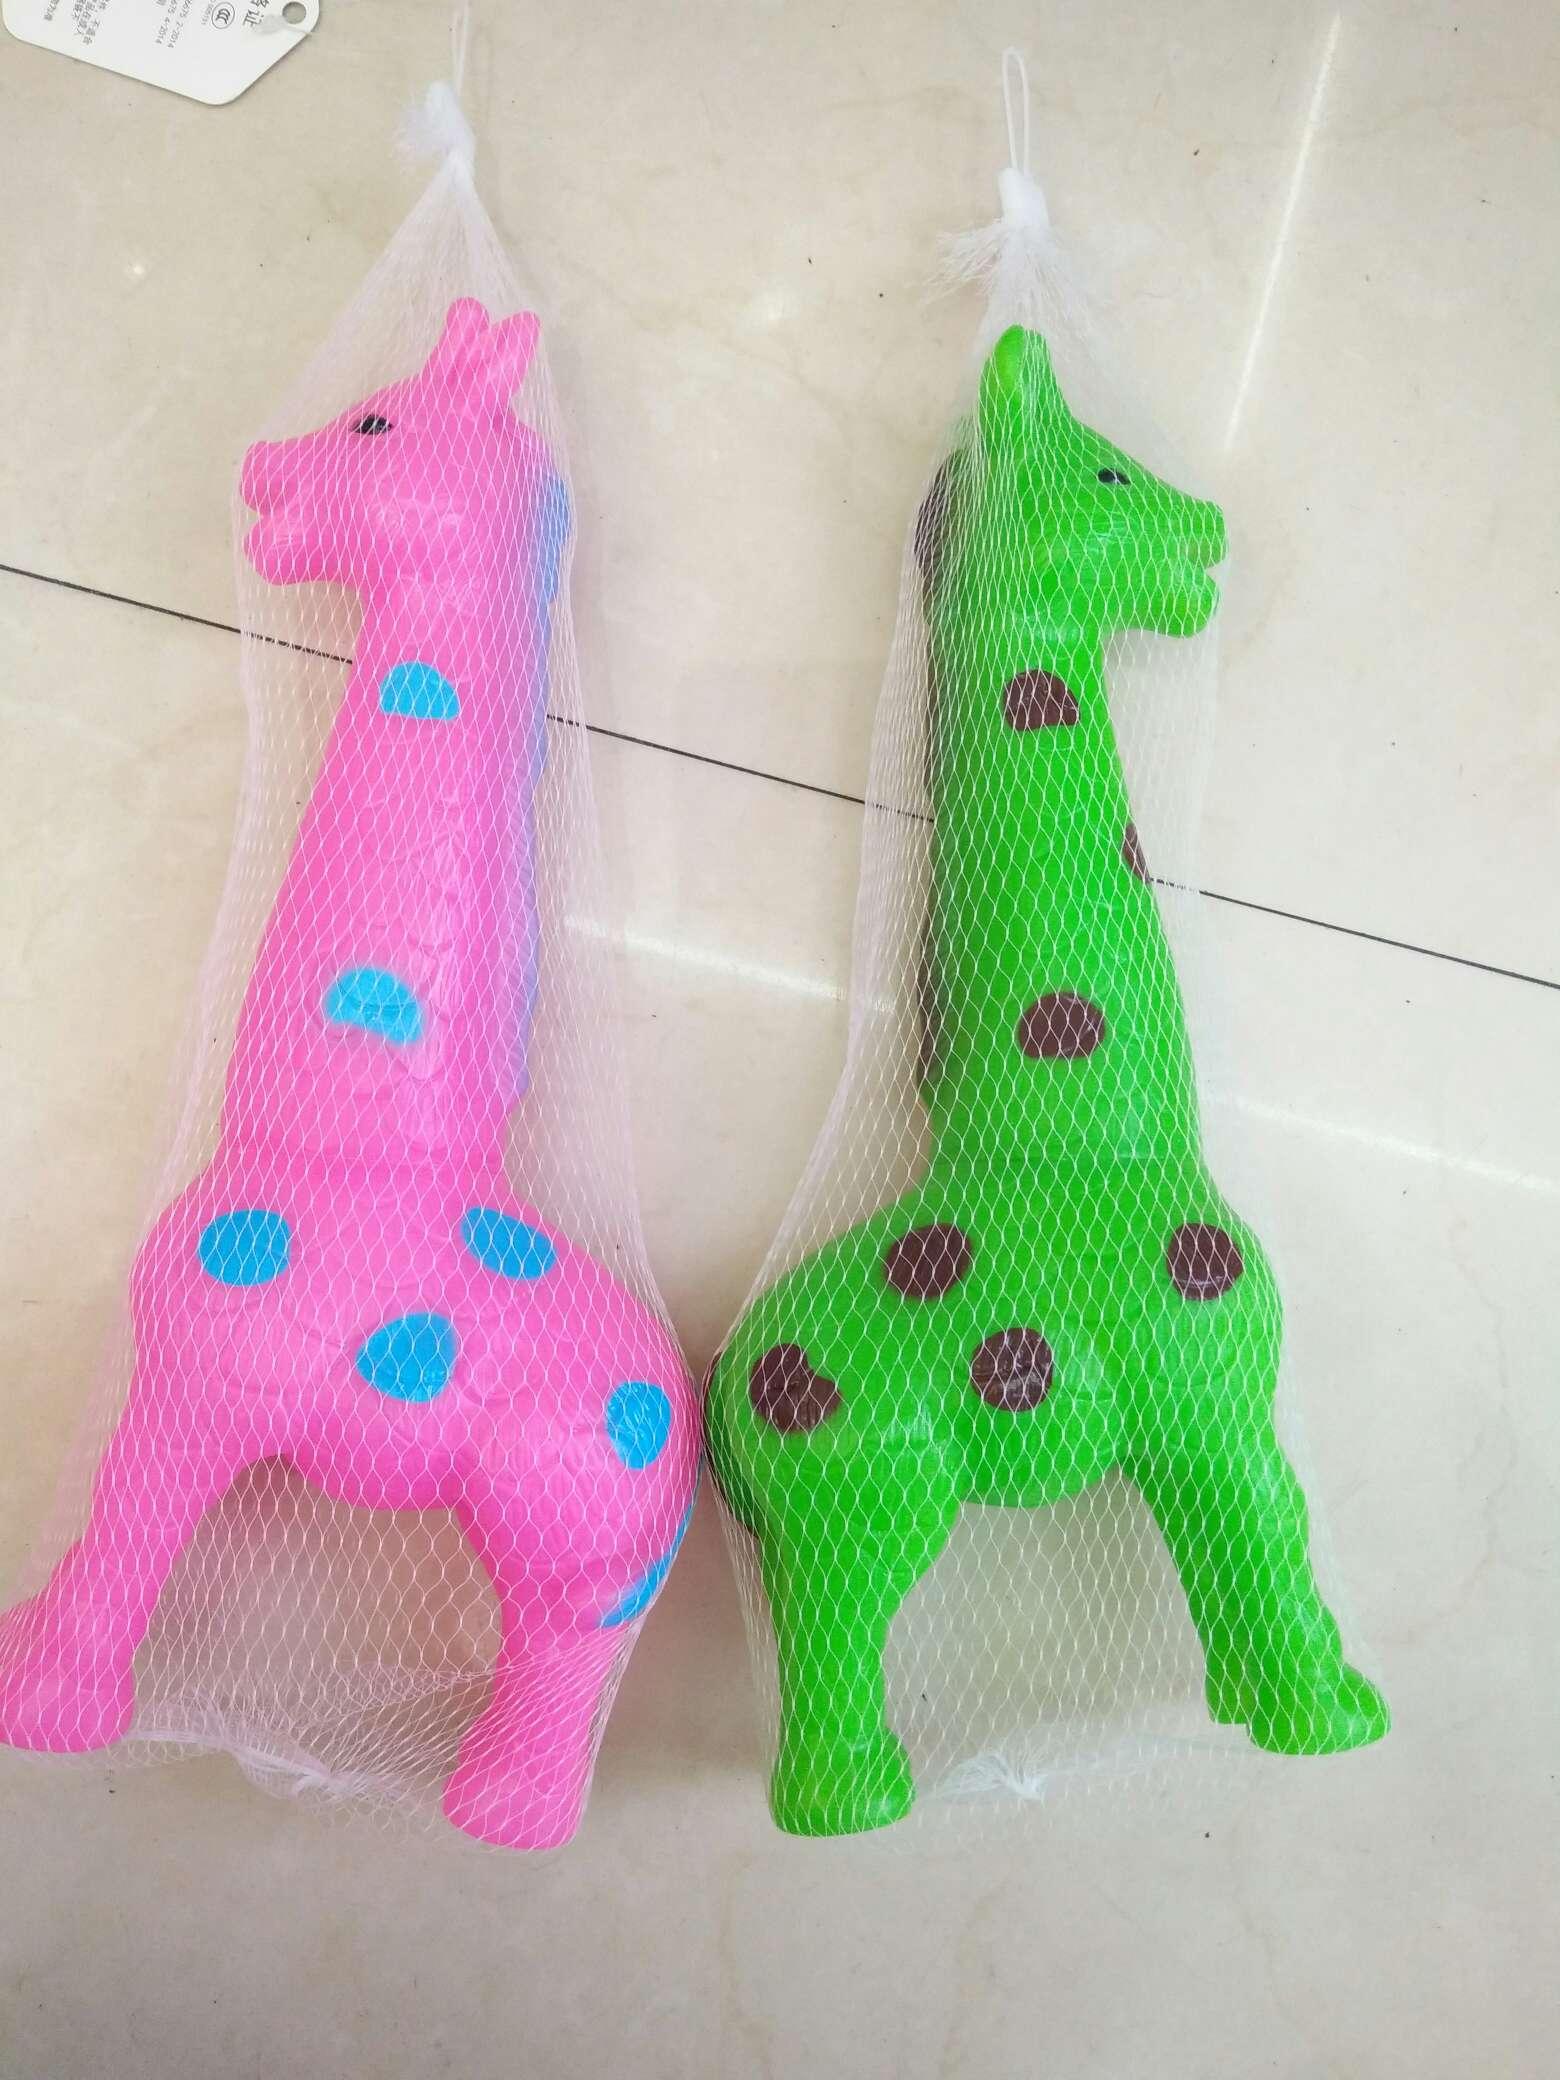 搪胶玩具,PVC玩具,站立长颈鹿,发声长颈鹿,两色。